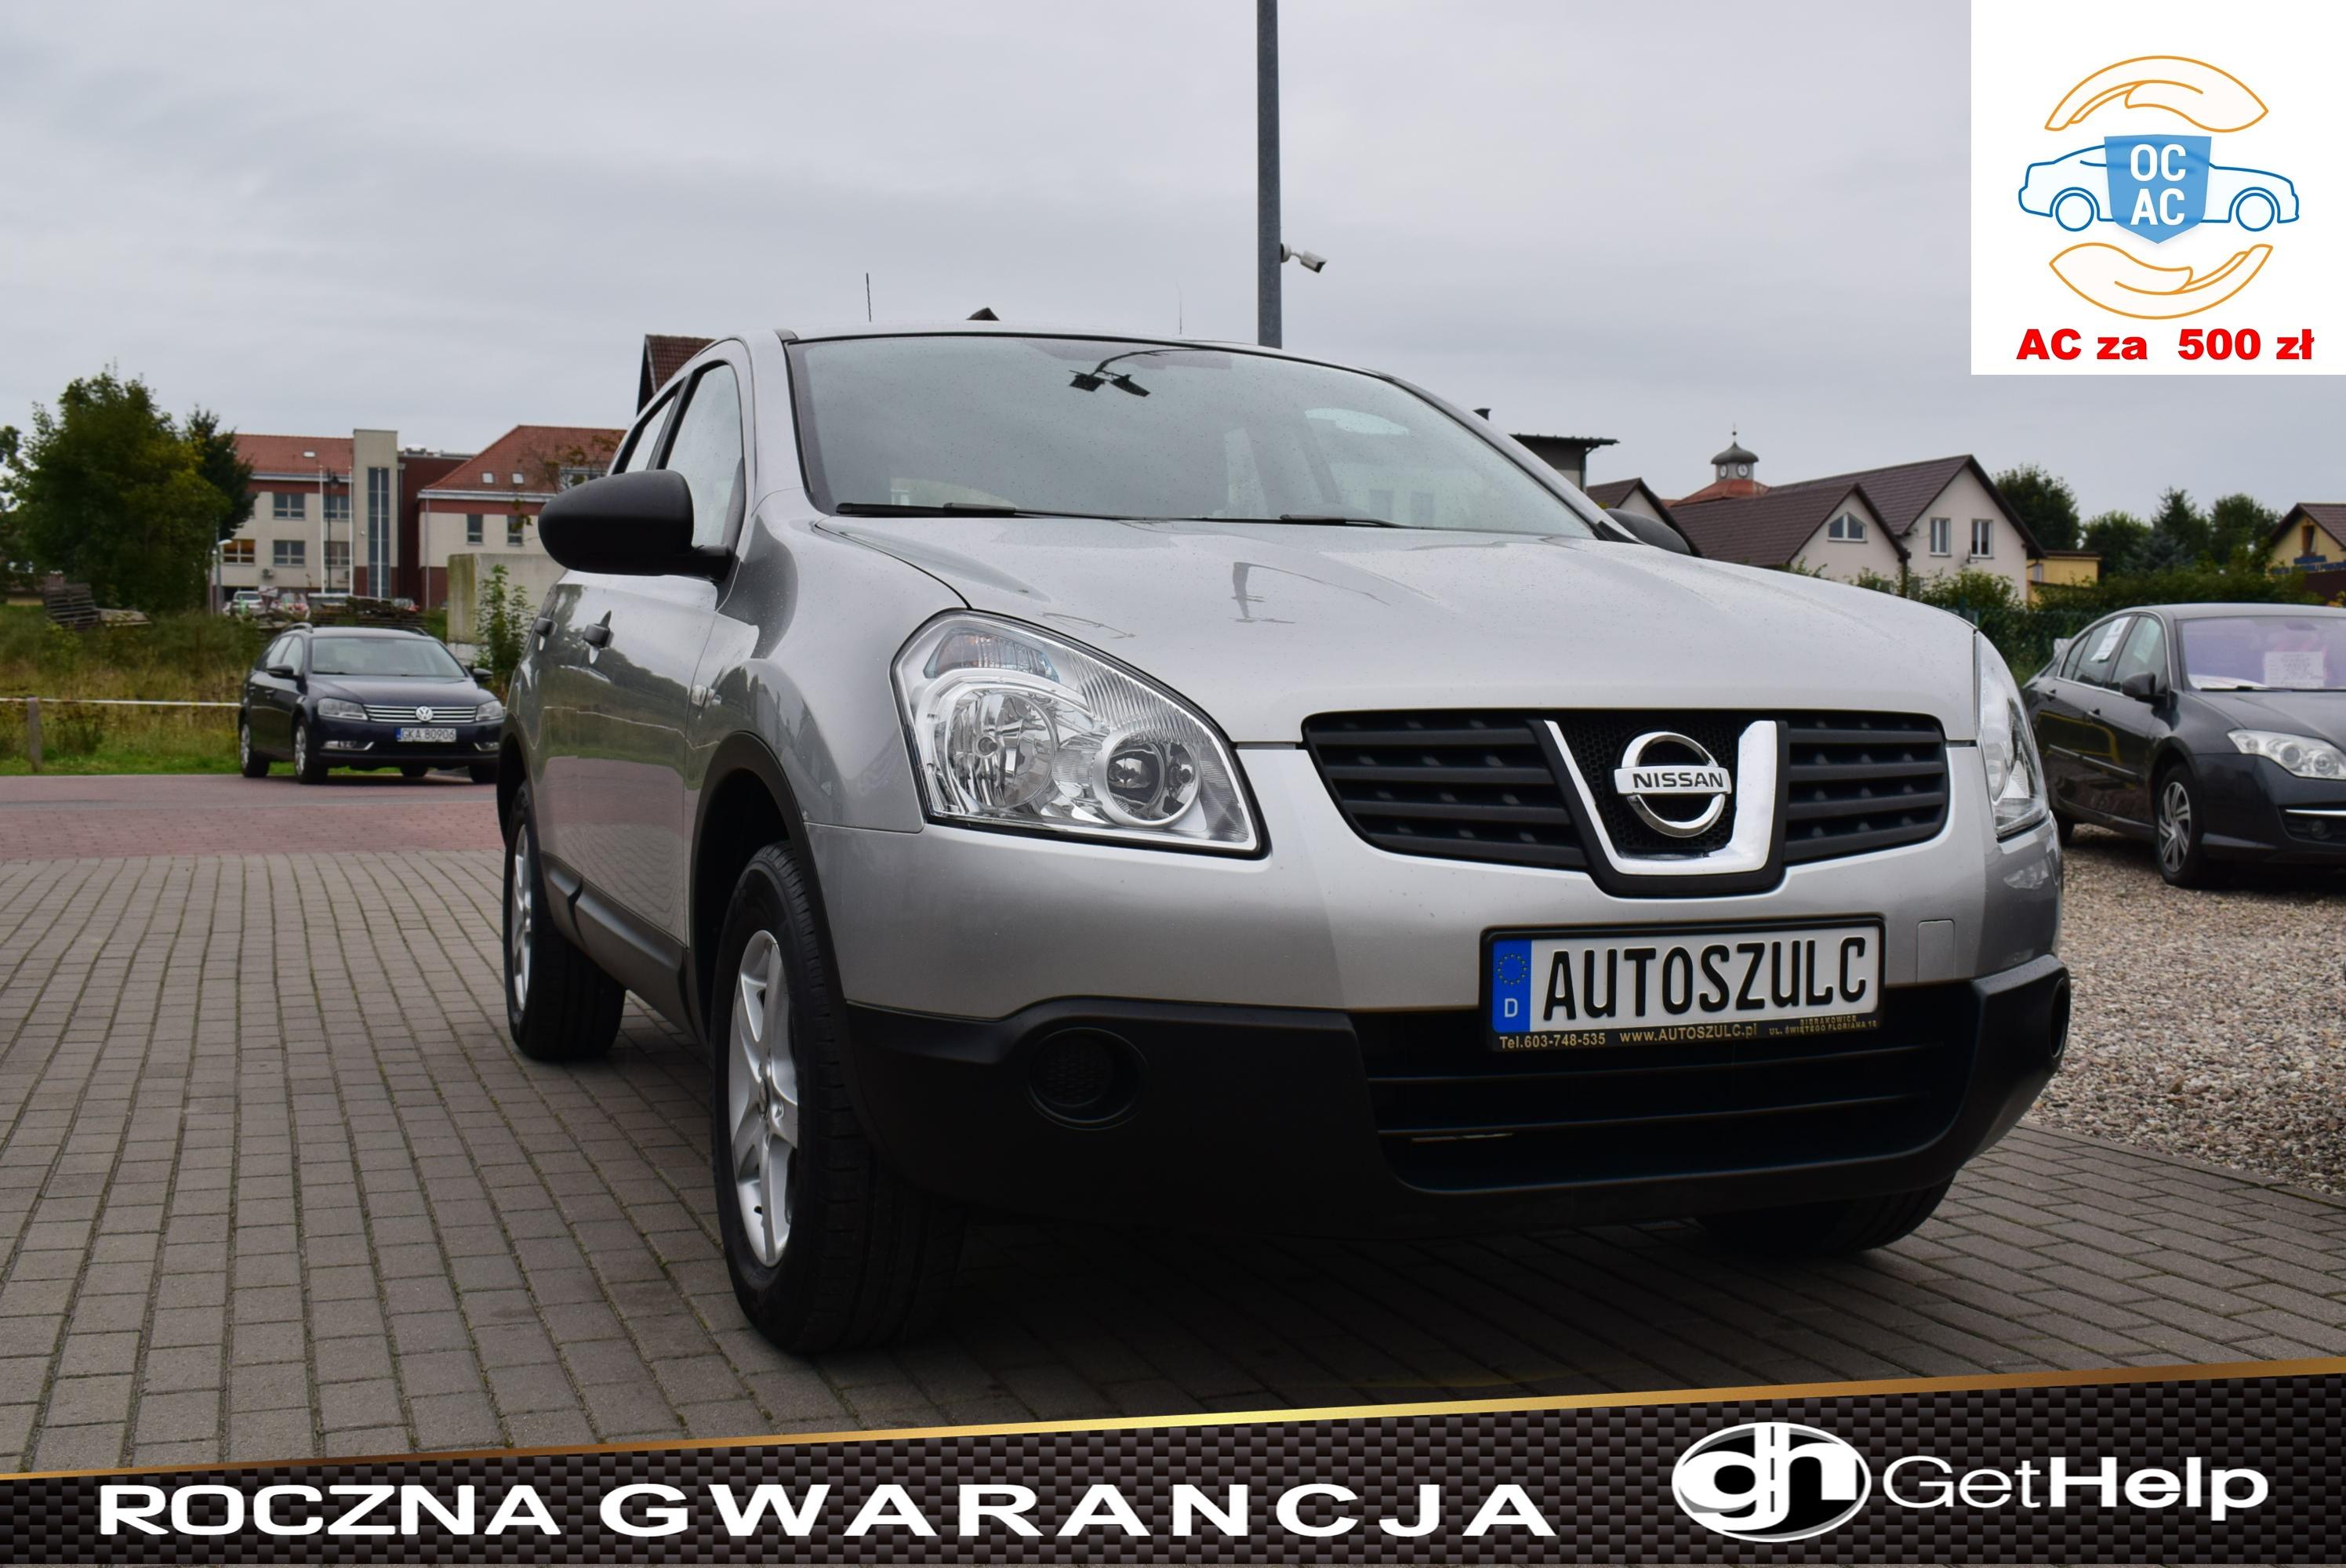 Nissan Qashqai 1.6 Benzyna, Sprowadzony, z Niemiec, Serwisowany, Mały przebieg, Rok Gwarancji